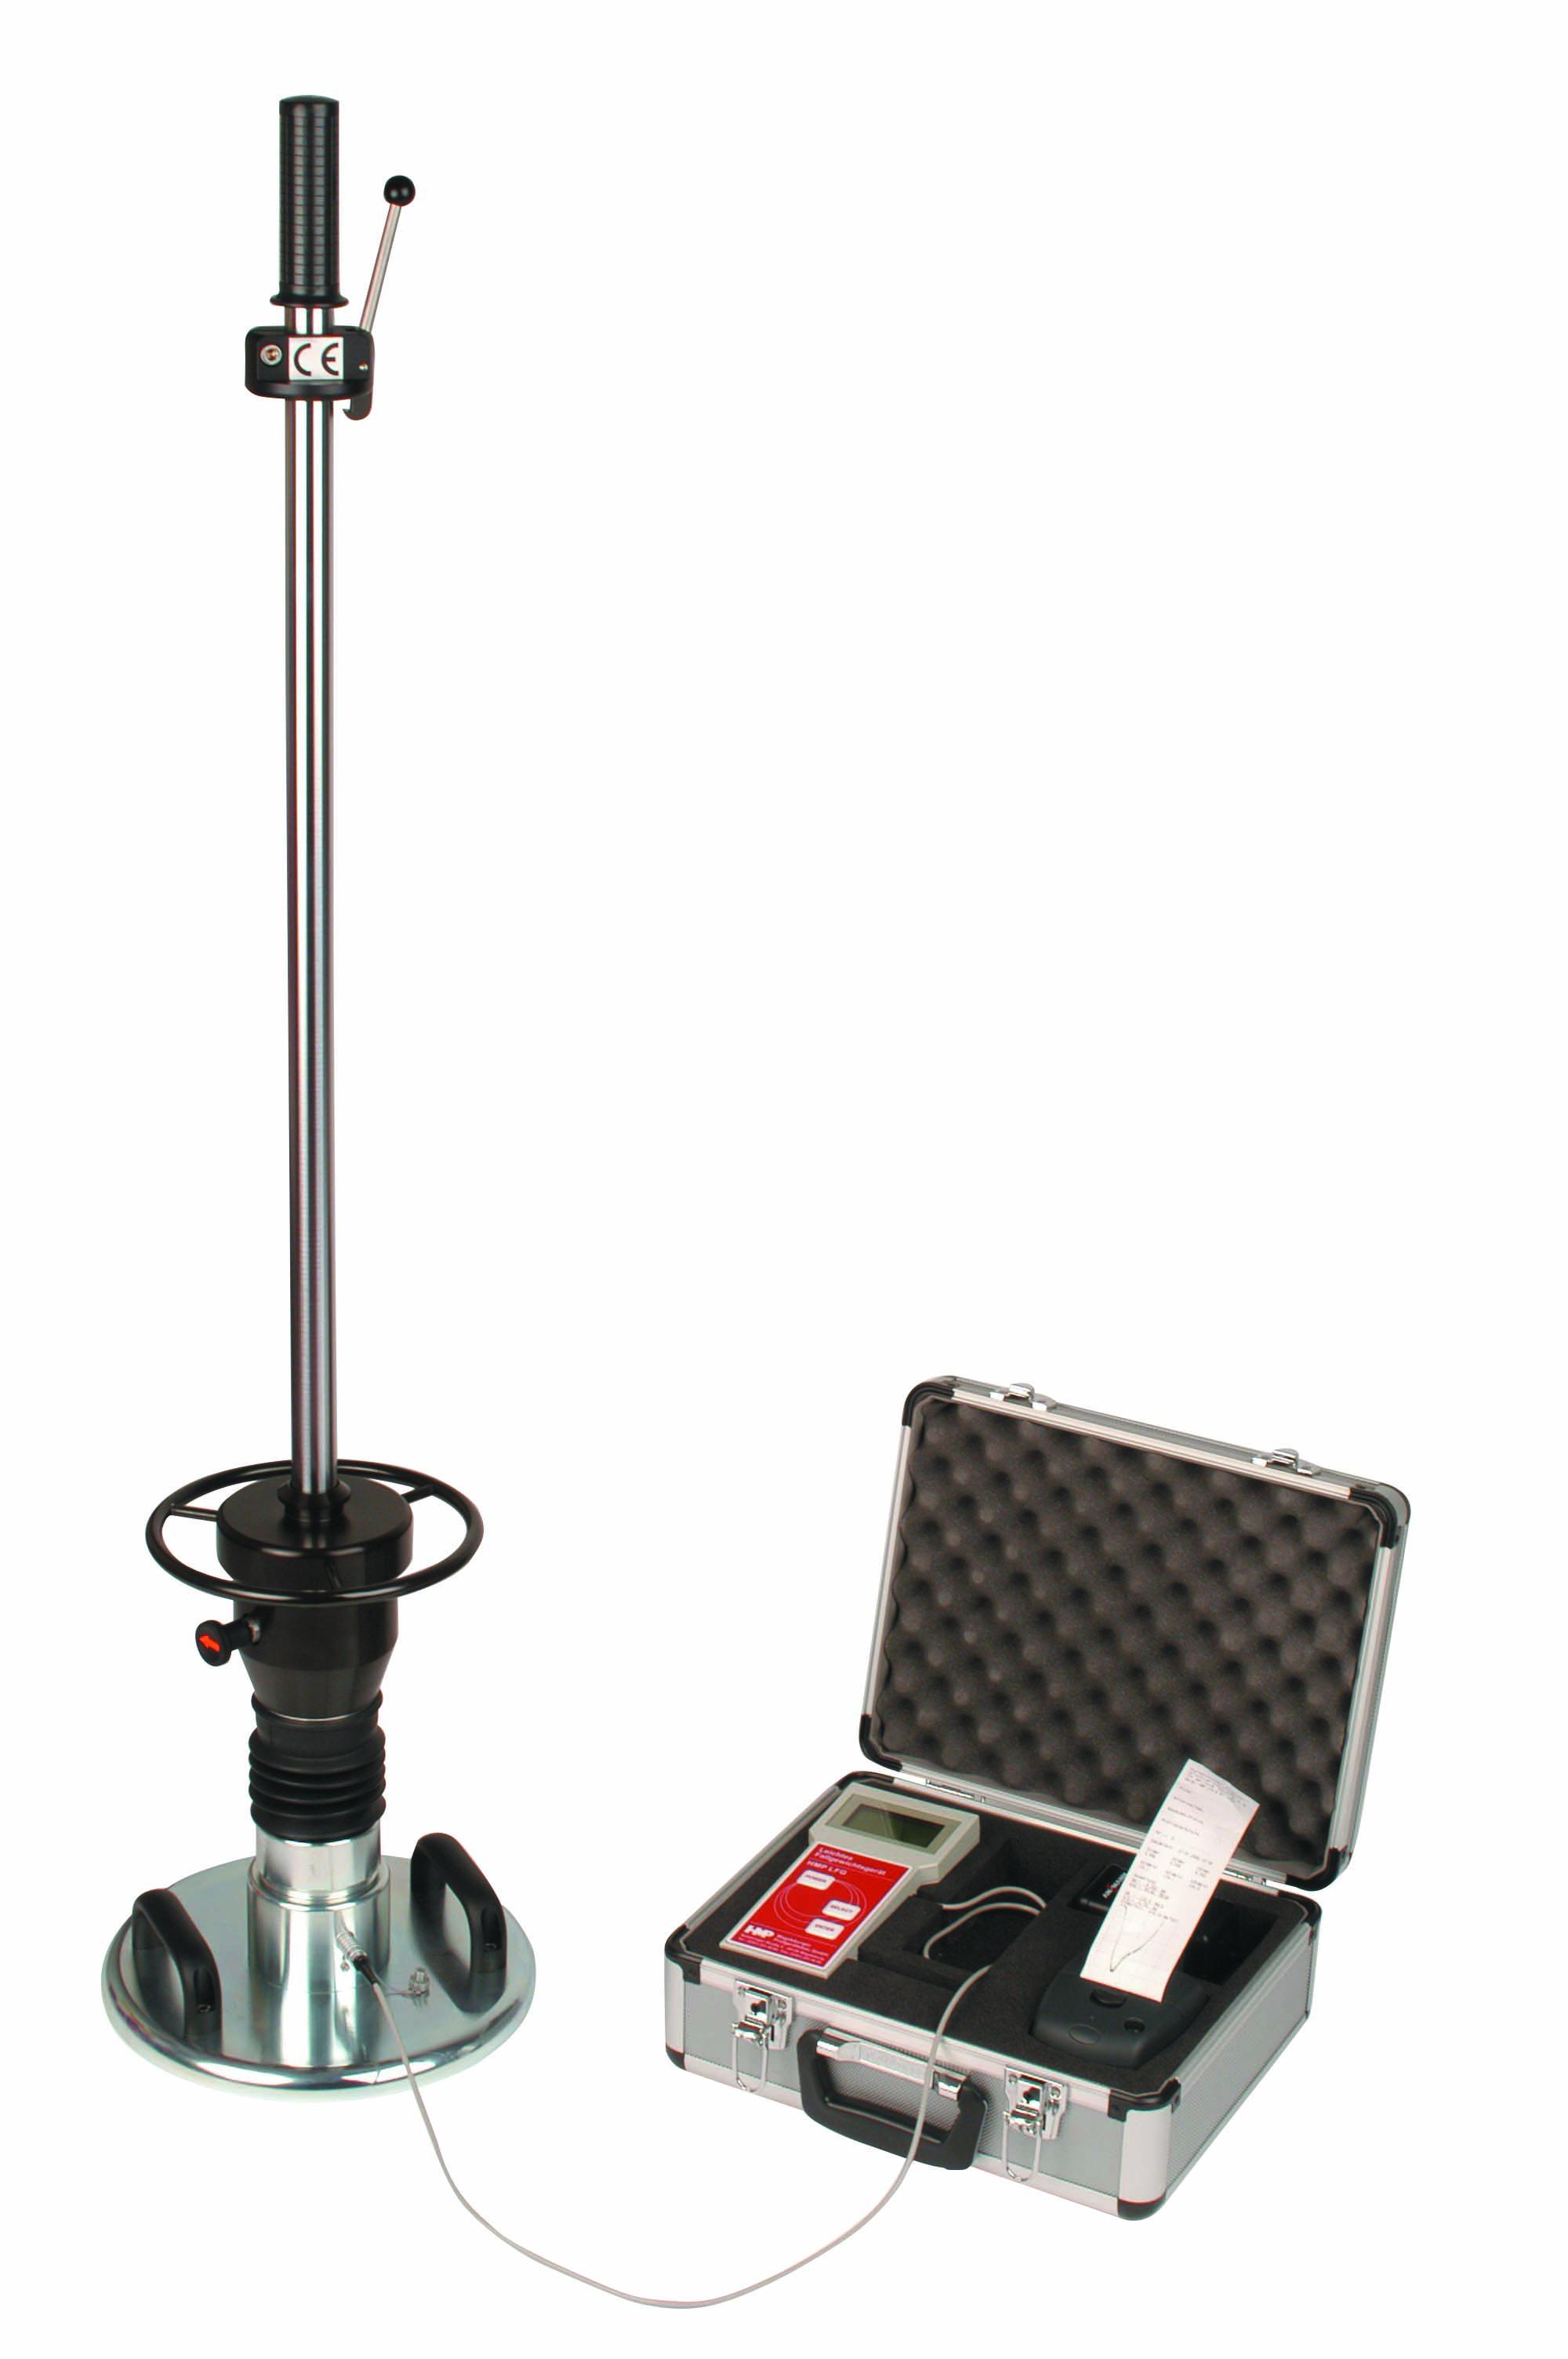 Приборы для измерения динамического модуля упругости грунта серии LFG